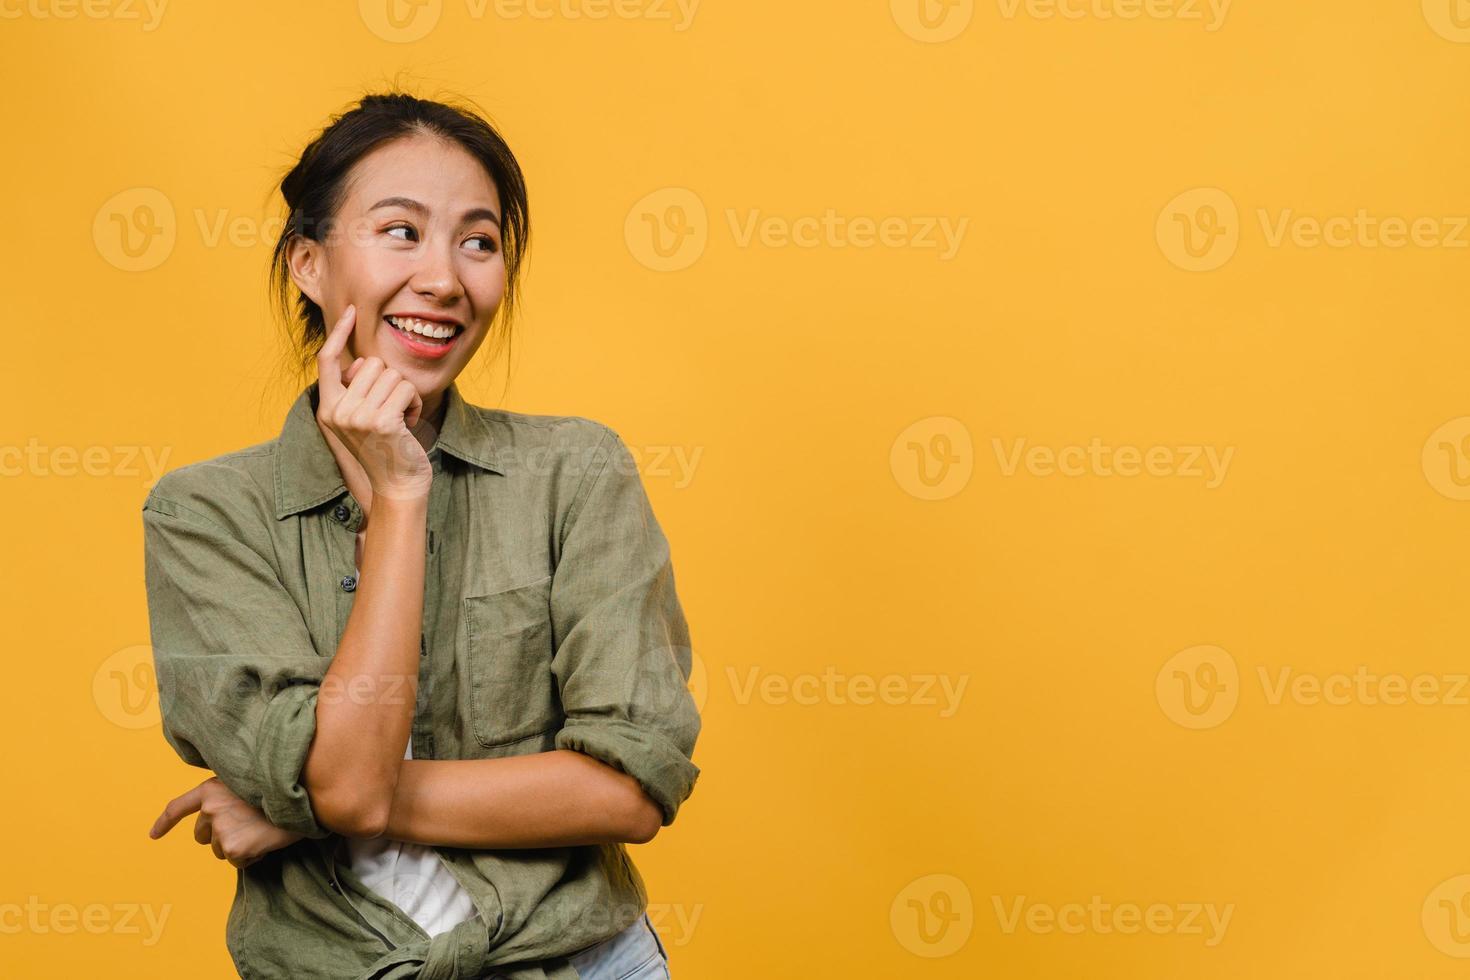 retrato de jovem asiática com expressão positiva, braço cruzado, sorriso amplo, vestido com um pano casual sobre fundo amarelo. feliz adorável feliz mulher alegra sucesso. conceito de expressão facial. foto